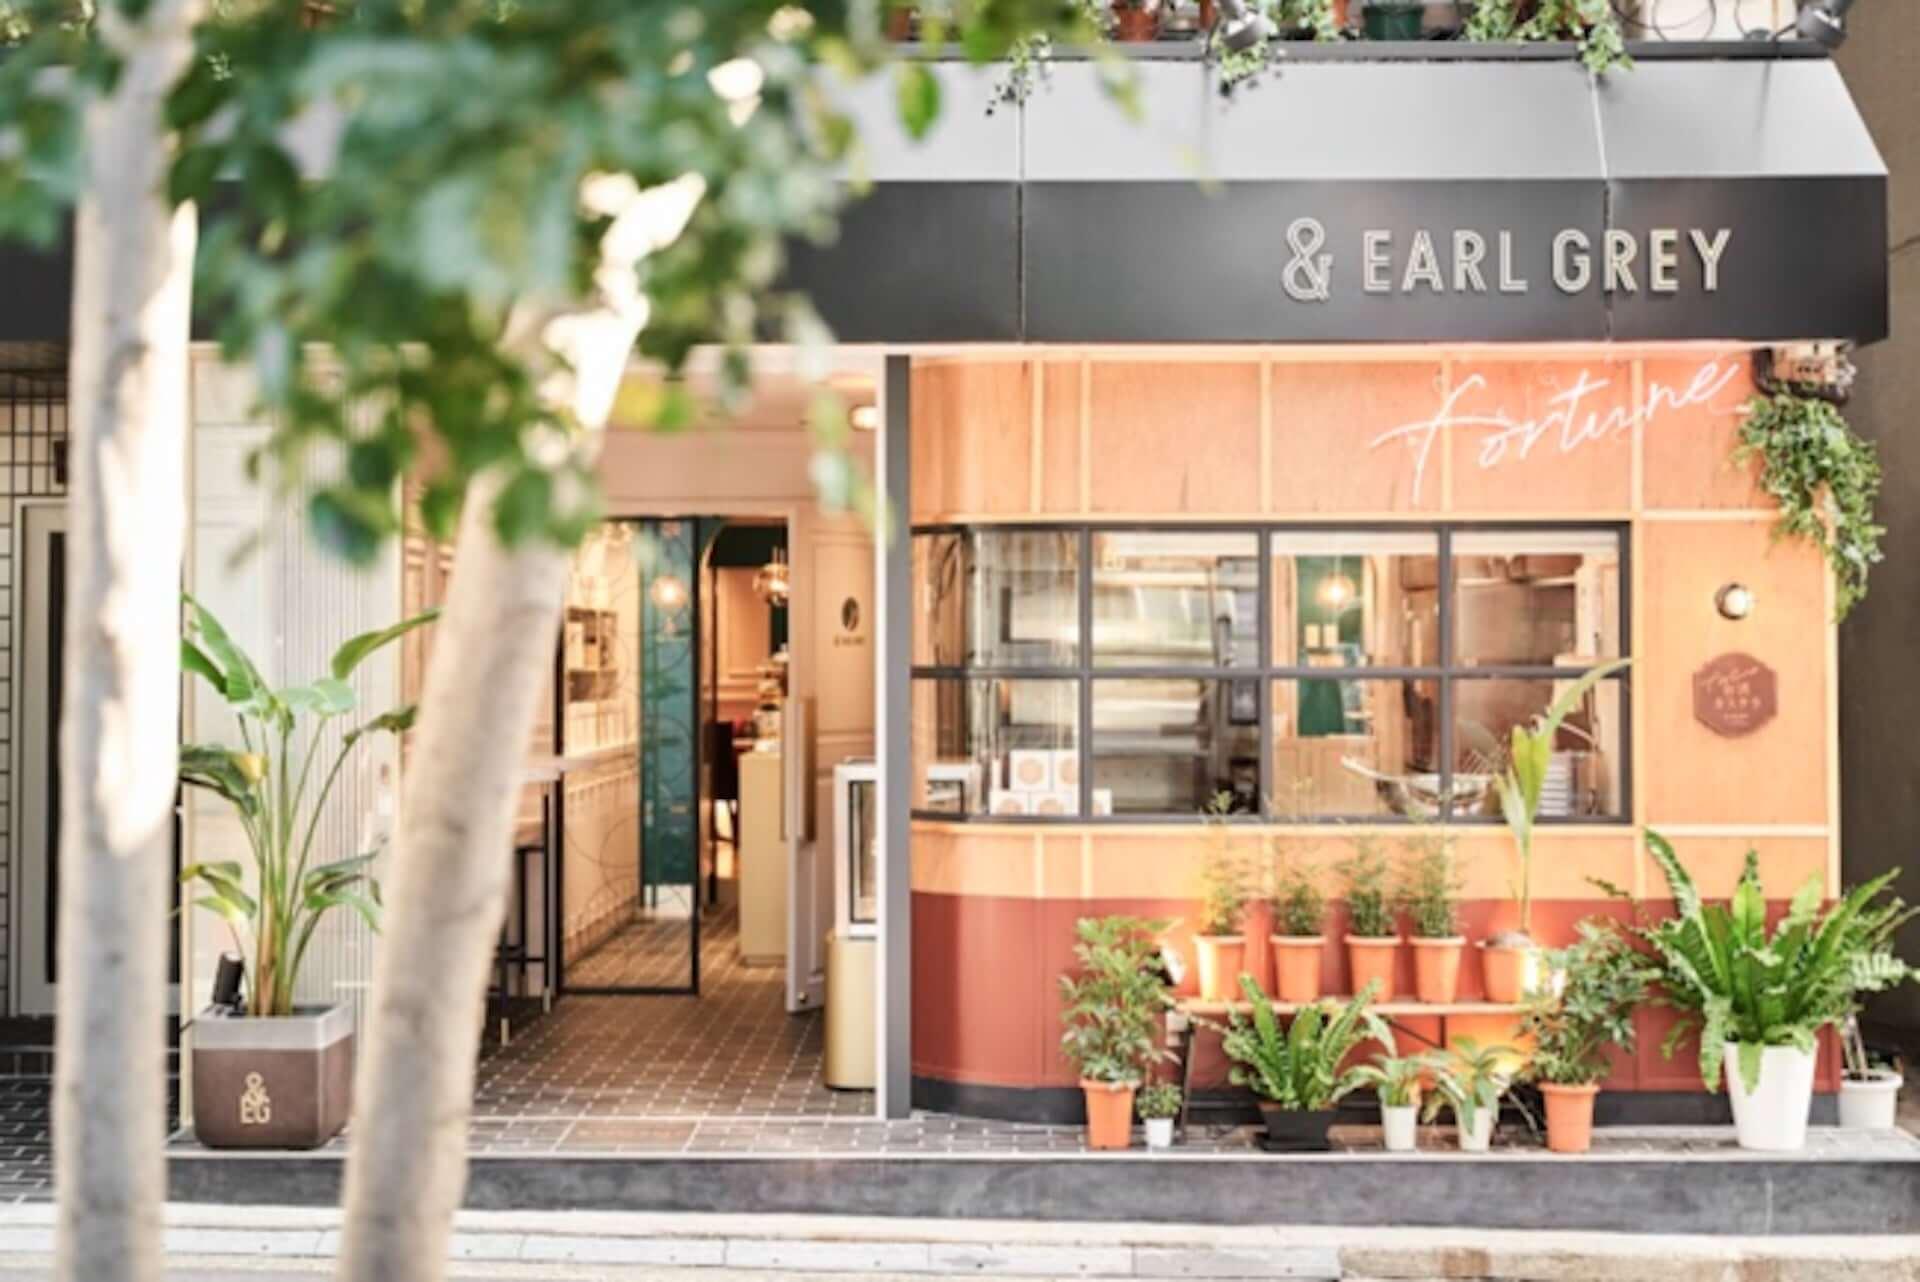 日本初のアールグレイ専門店「&EARL GREY」神戸本店が<第6回神戸セレクション>に出店!人気の台湾カステラを期間限定販売 gourmet210315_and-earlgrey_2-1920x1282